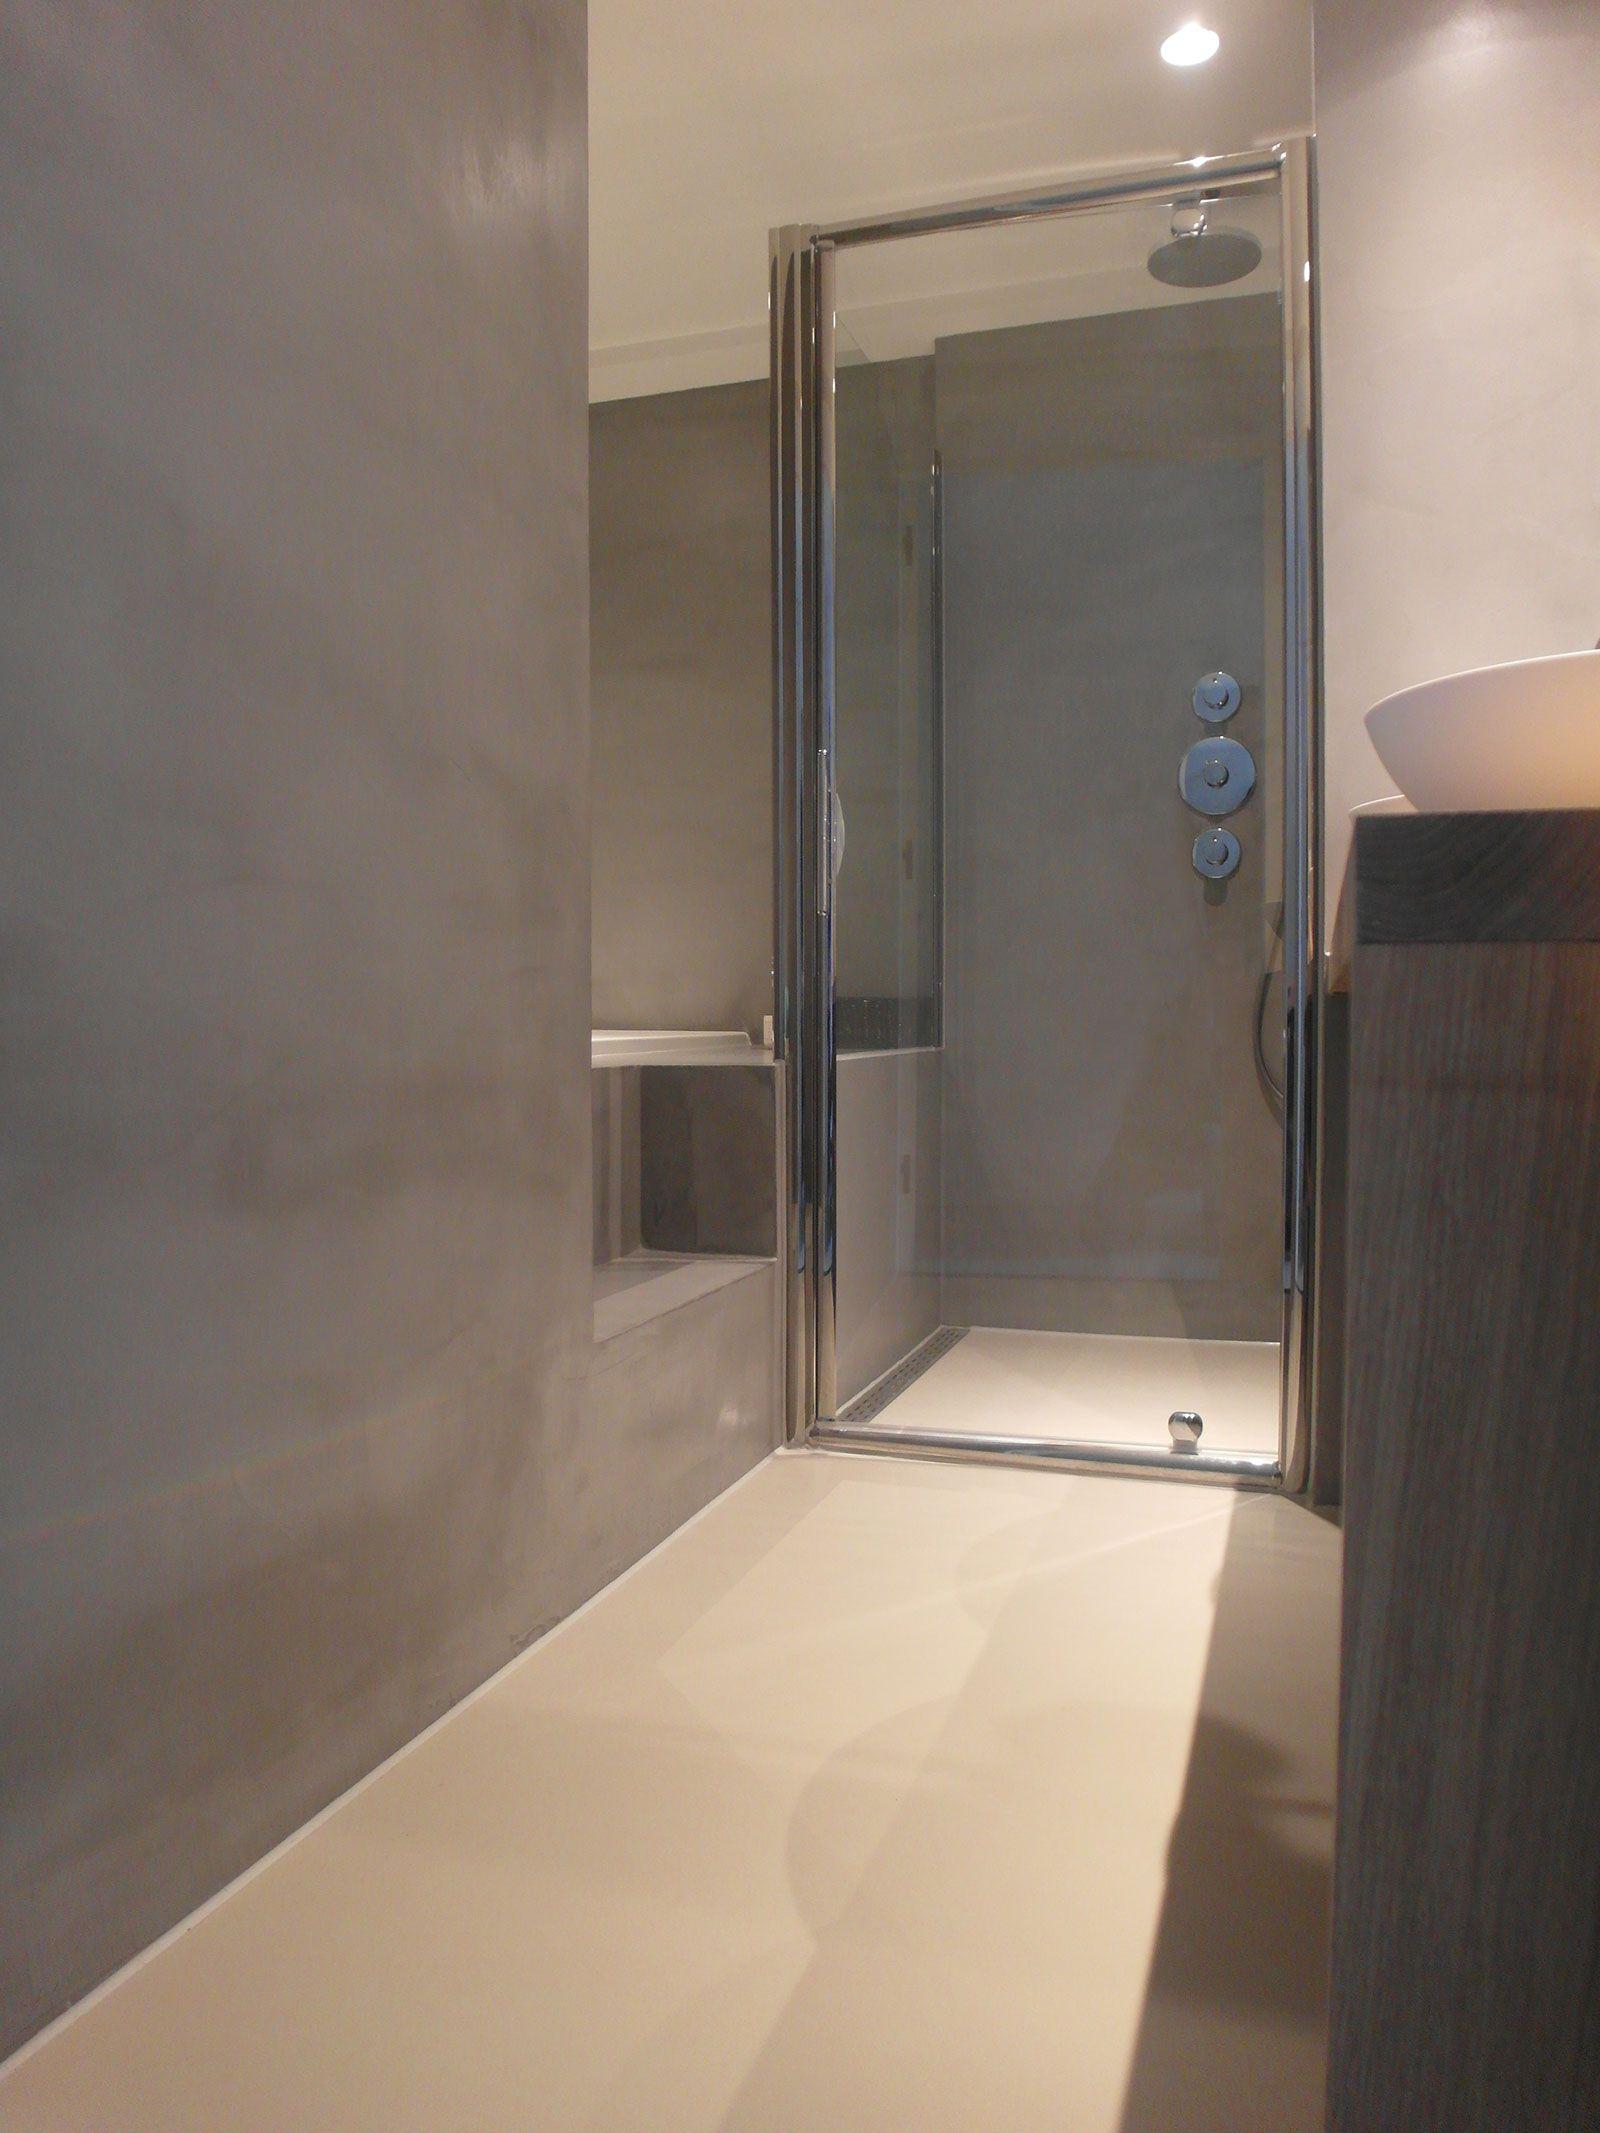 Gietvloer badkamer Amsterdam microcement | Bewaren.. | Pinterest ...